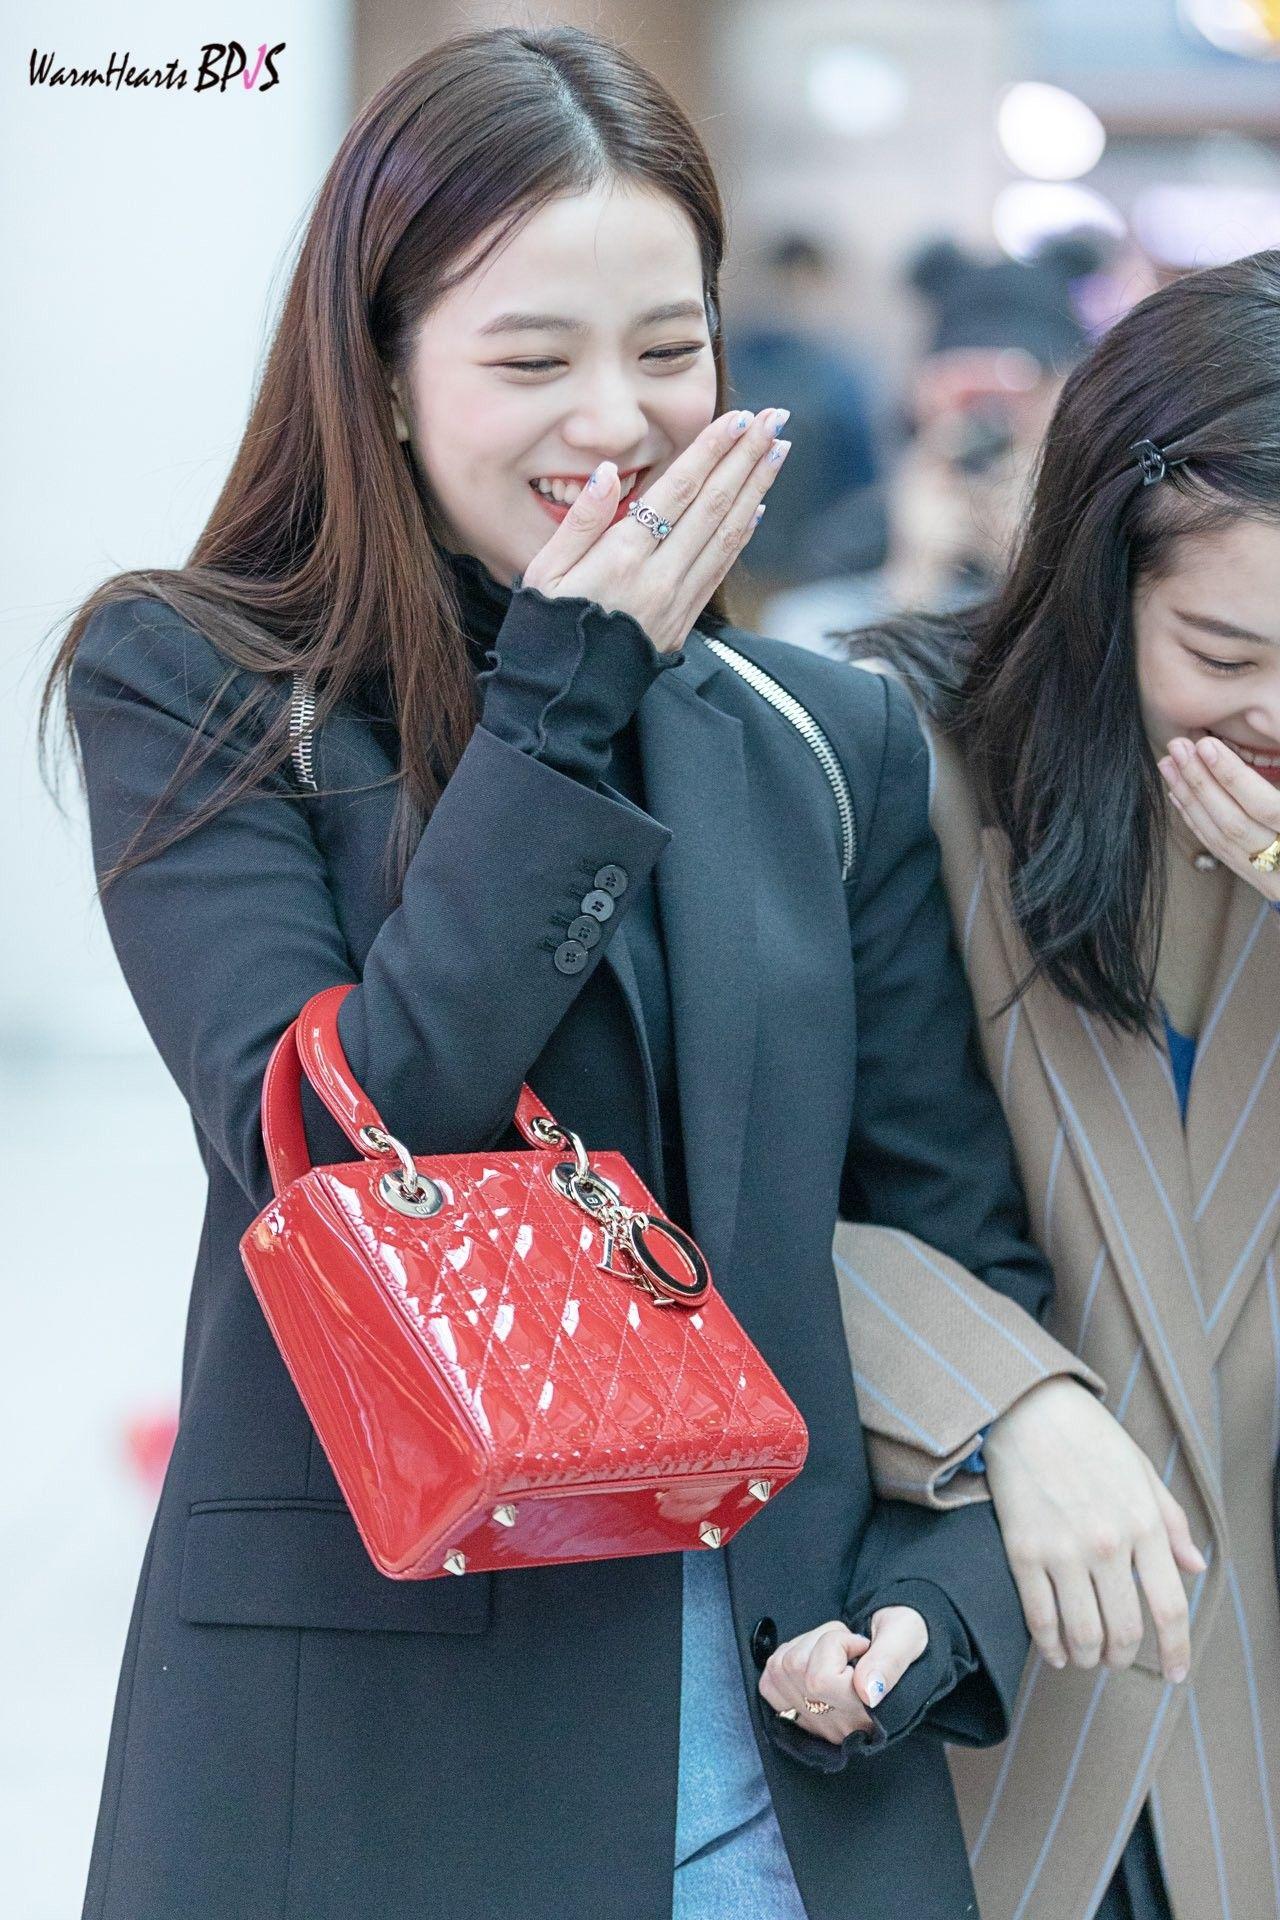 Jisoo tỏa sáng khí chất tổng tài khi diện áo blazer đen, khác hẳn style ngọt ngào ngày thường - Ảnh 5.